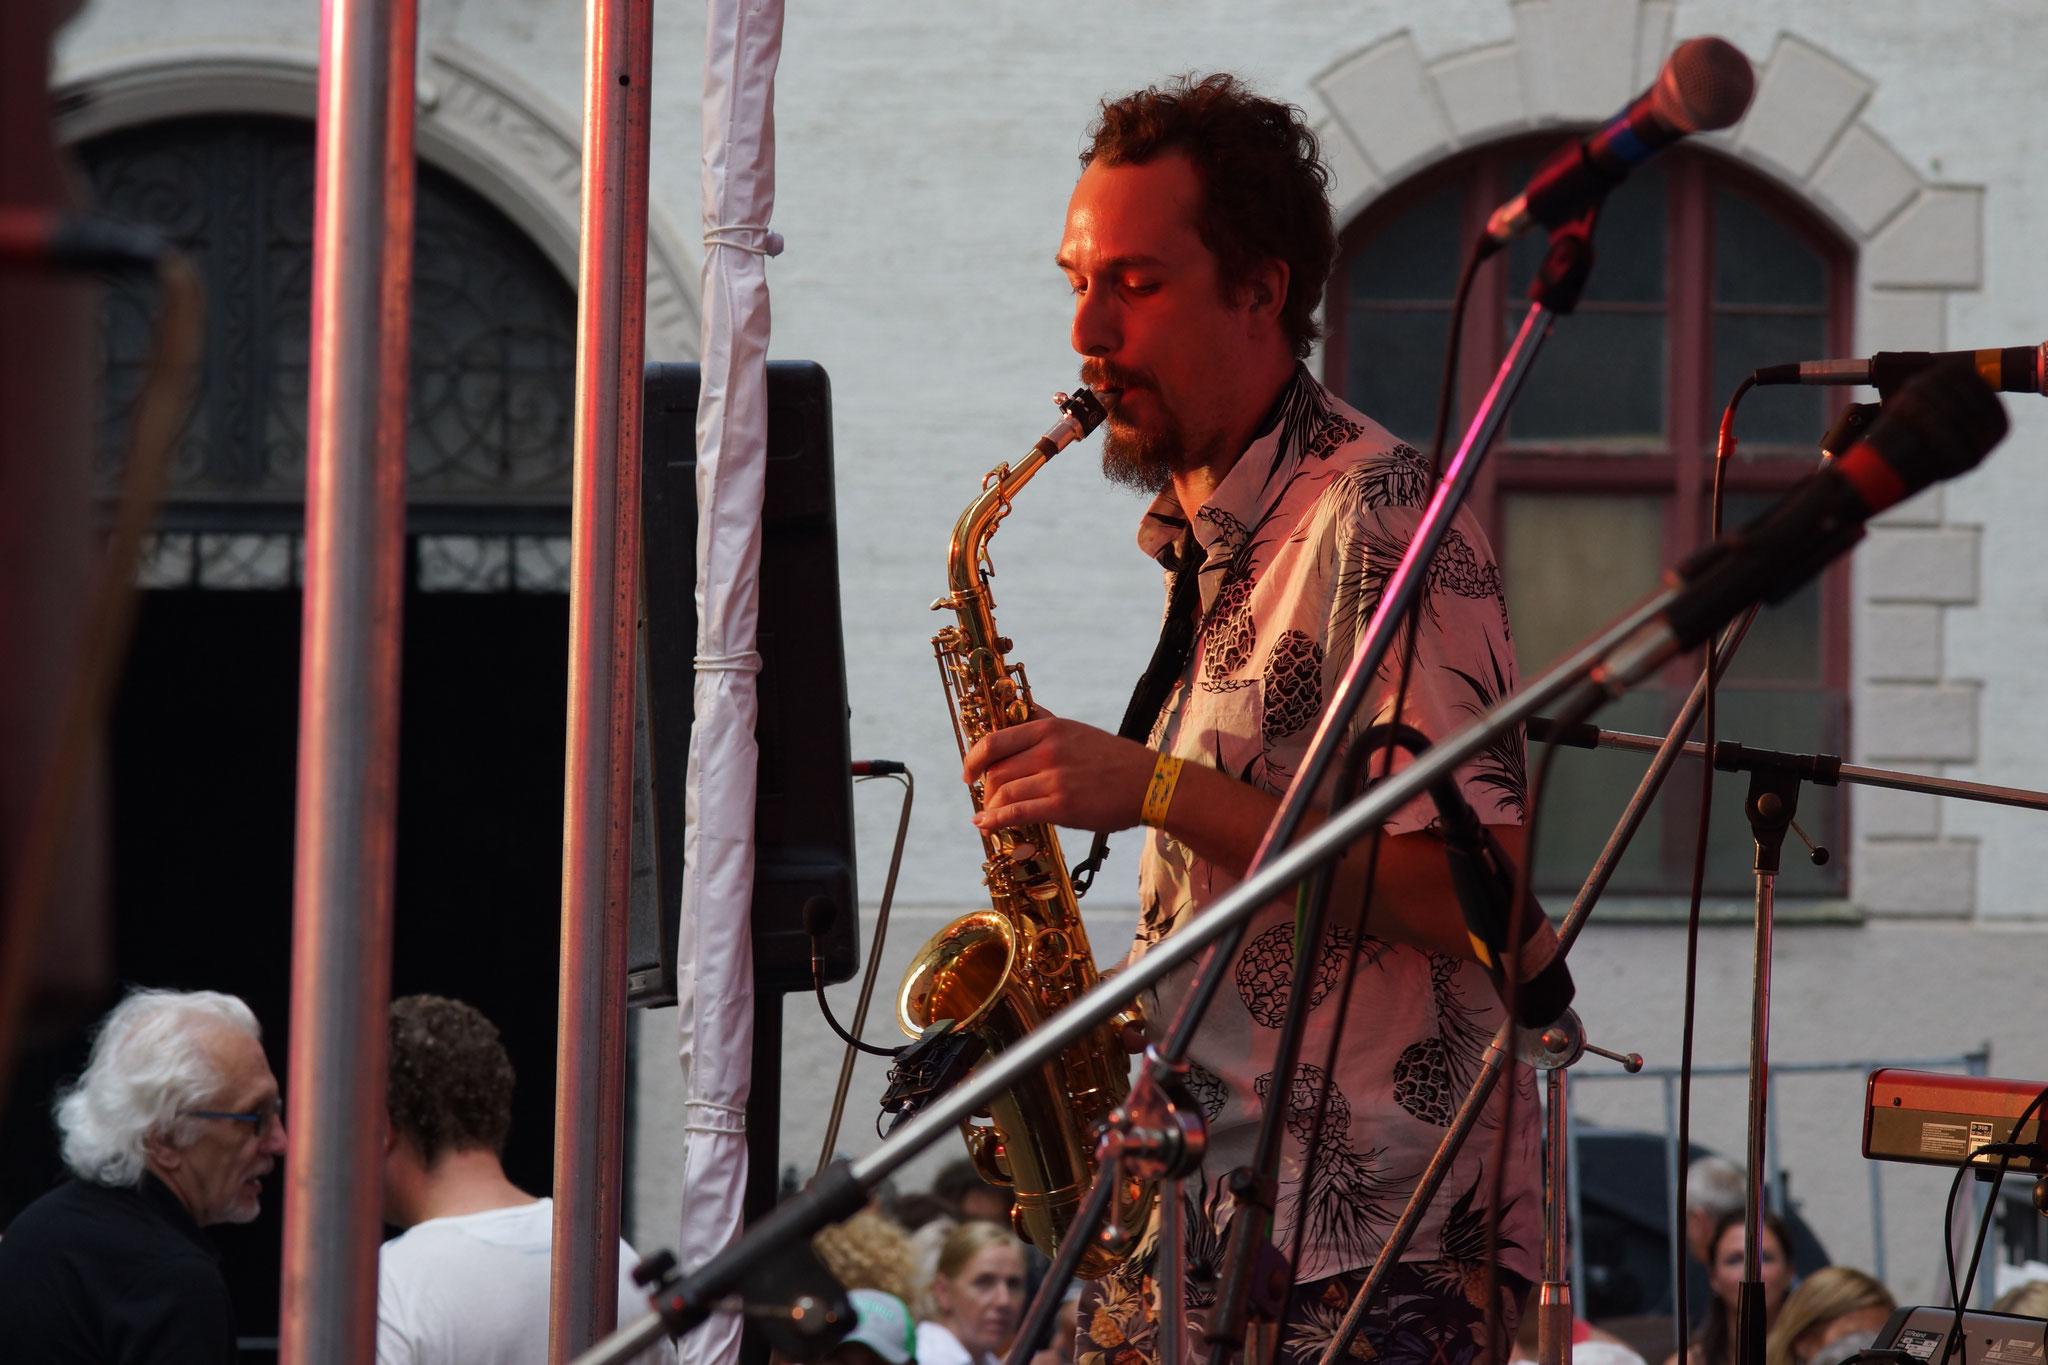 Konzerte im Bürgerhof 07.07.17 The Big Band Theory - Freiwilligen-Zentrum Augsburg - Foto: Crayfish